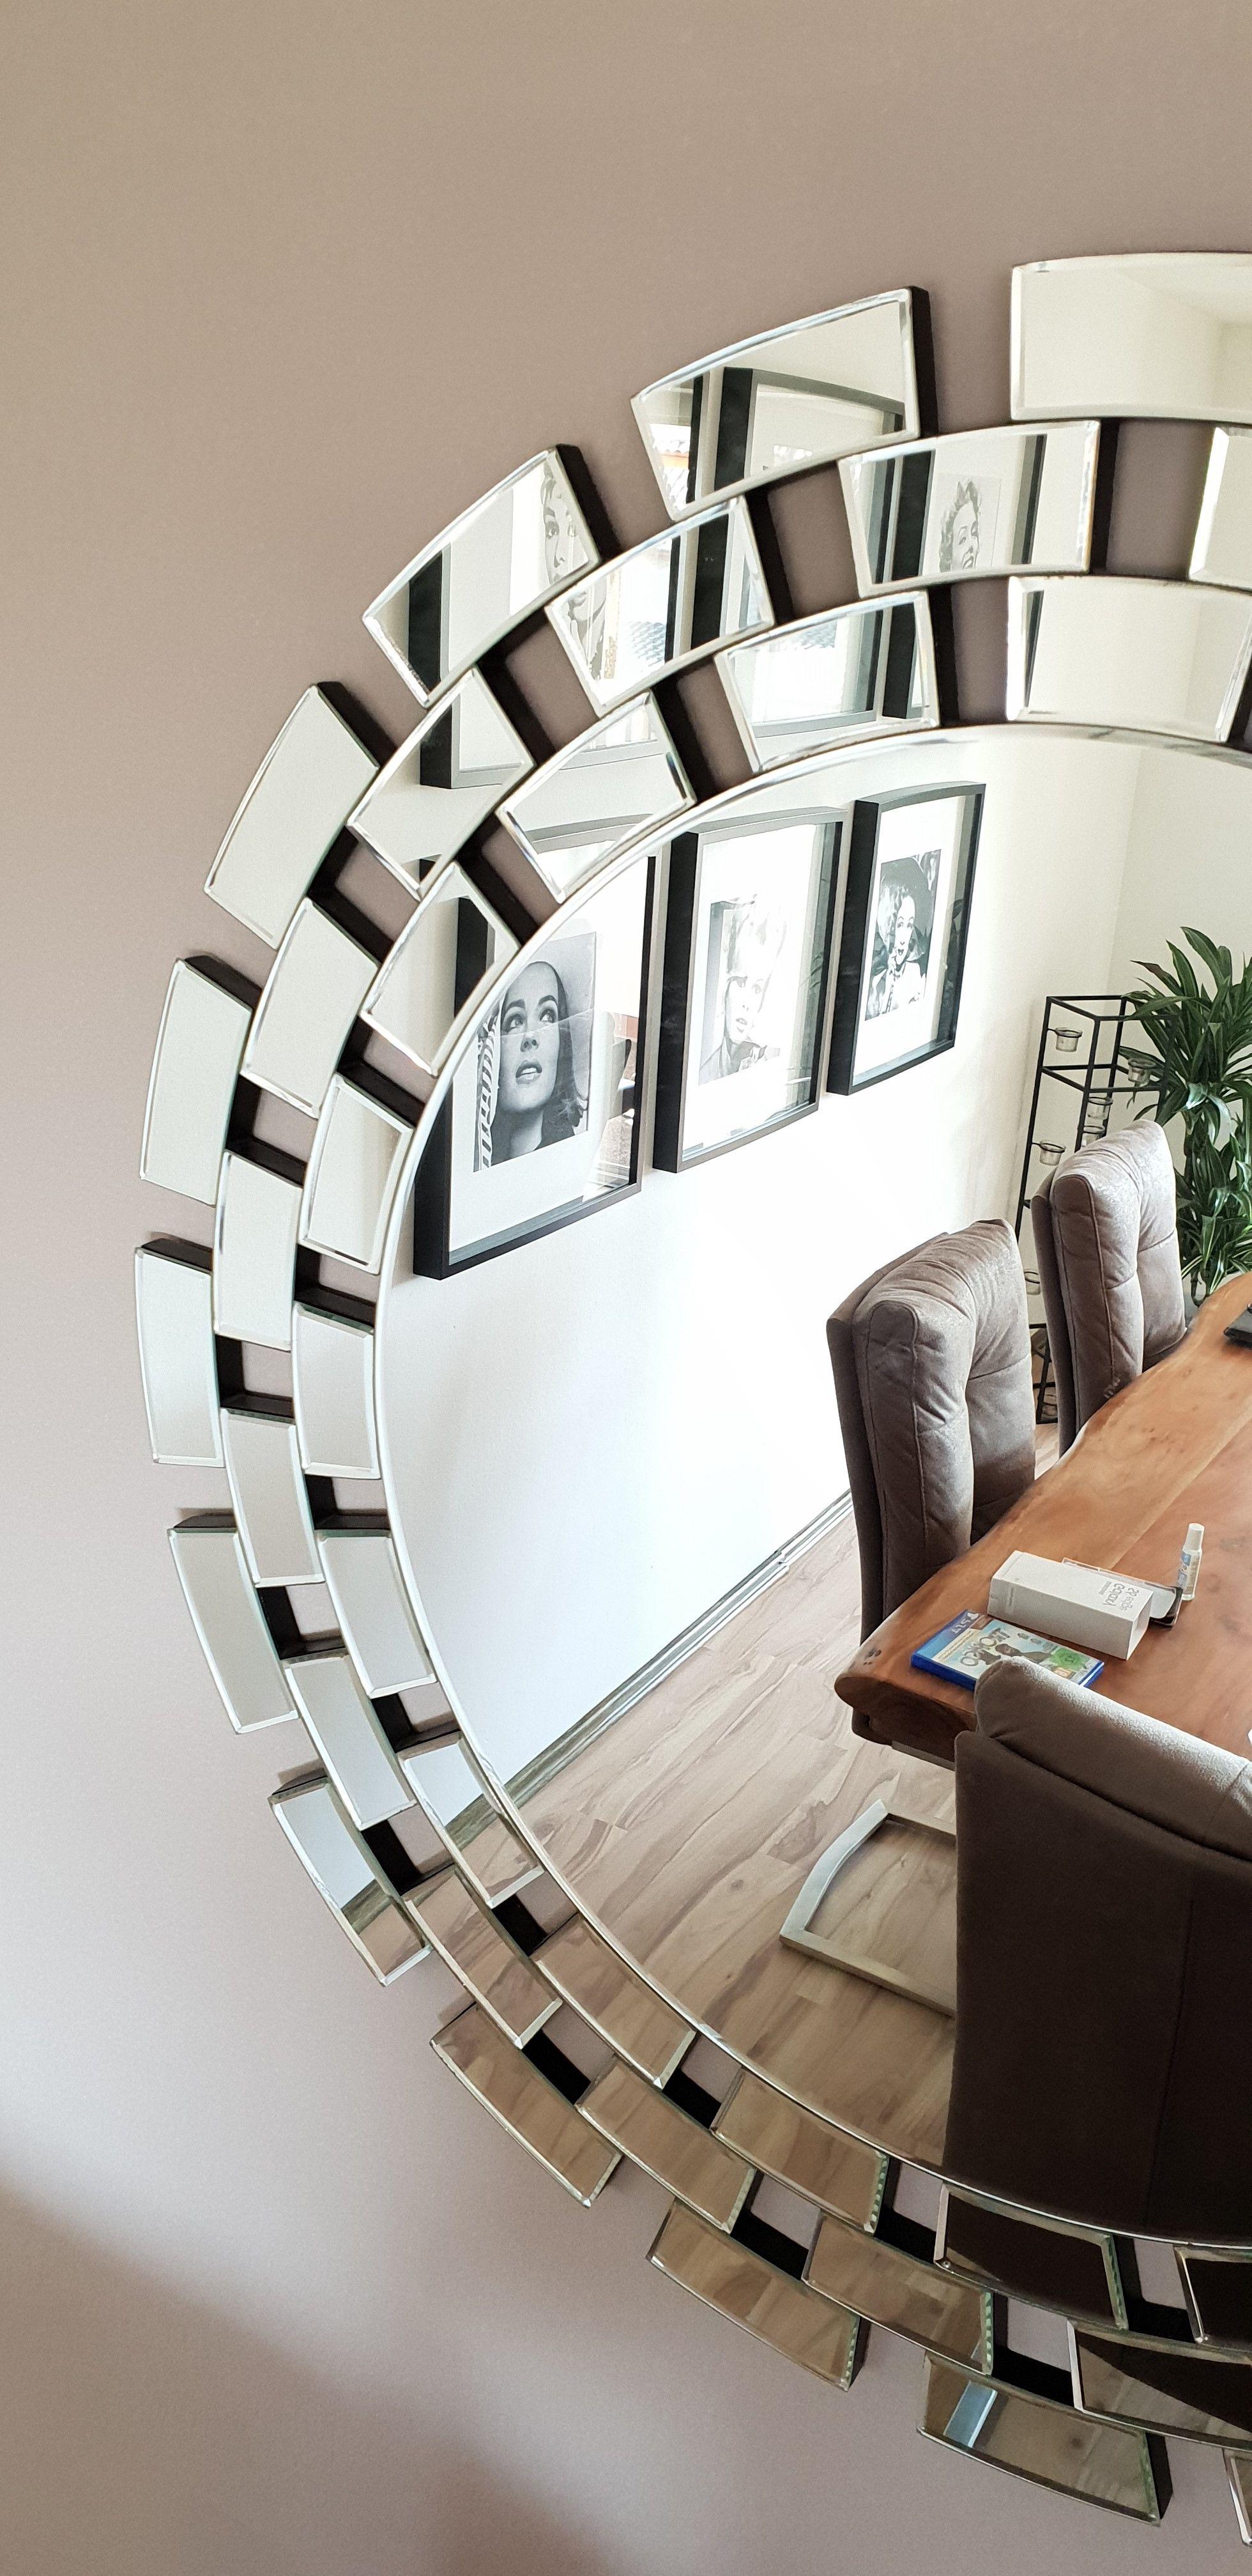 Wohnzimmer spiegelmöbel interior  living  flat  wohnen  home  homestory  mirror